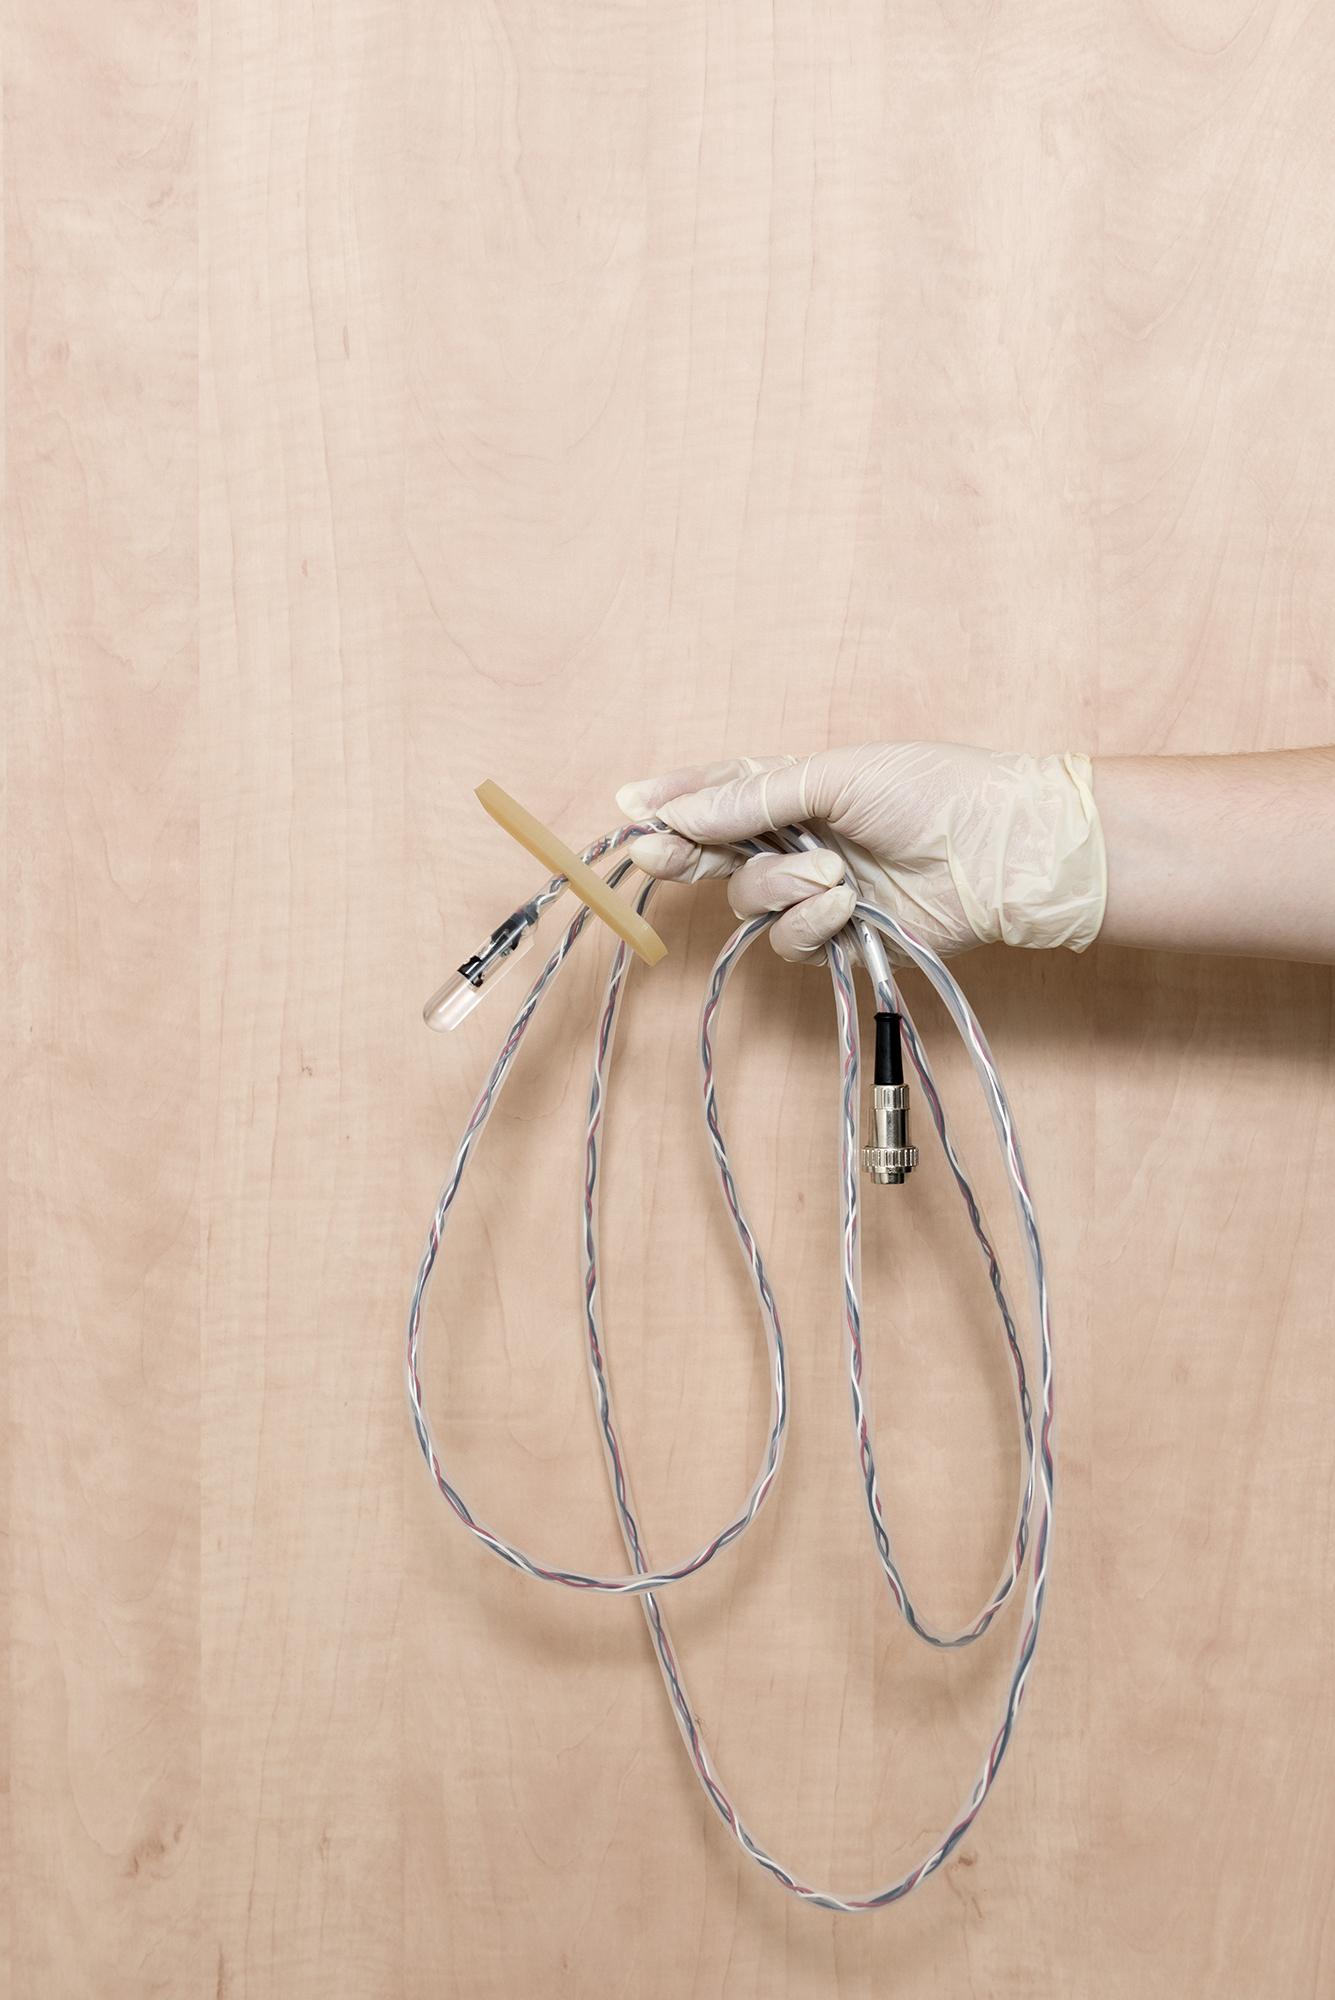 glazen tampon, onderzoeksinstrument voor seksonderzoek bij vrouwen